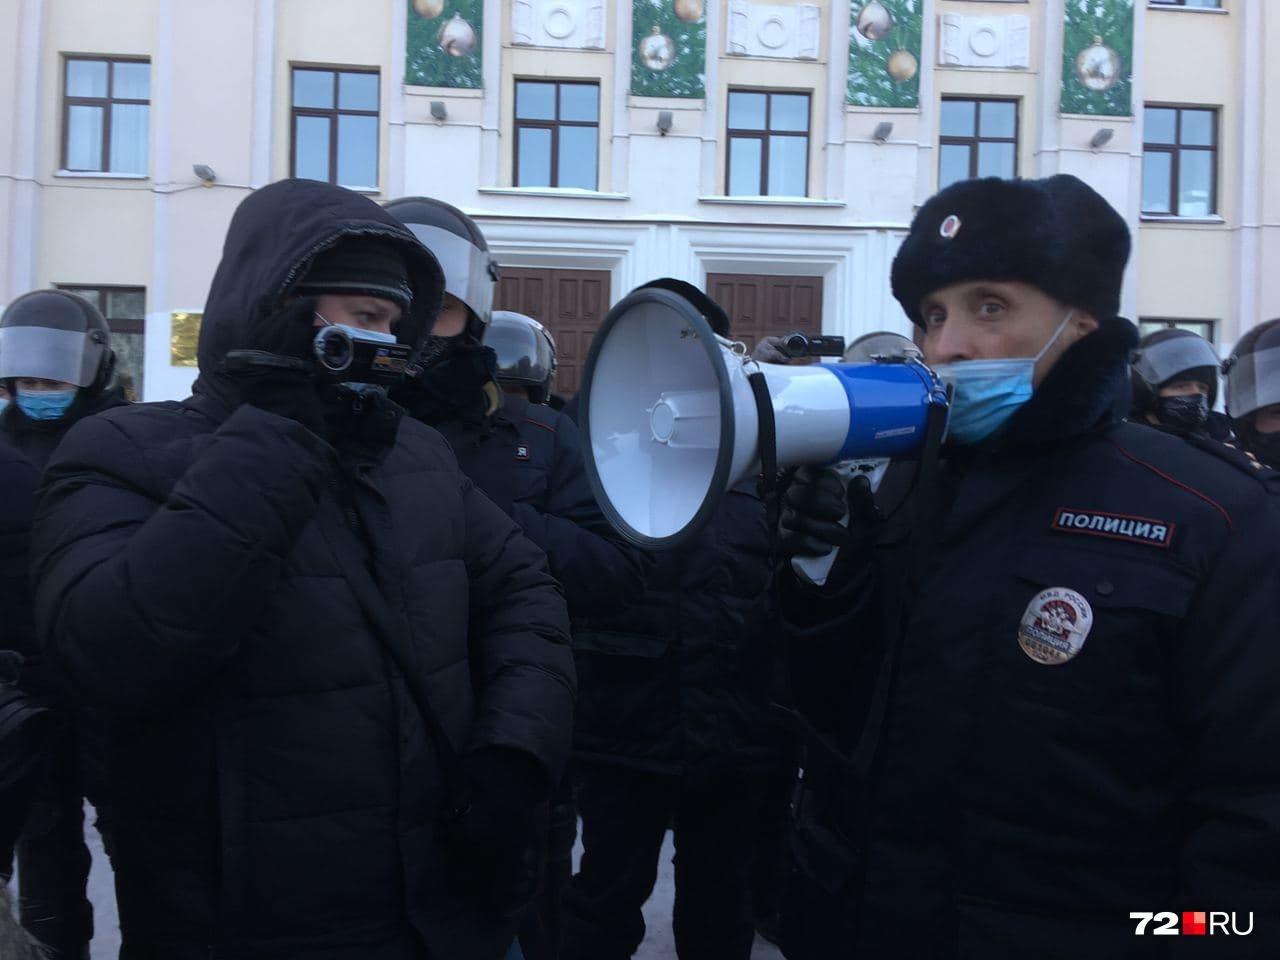 Полиция пытается убедить горожан мирно разойтись